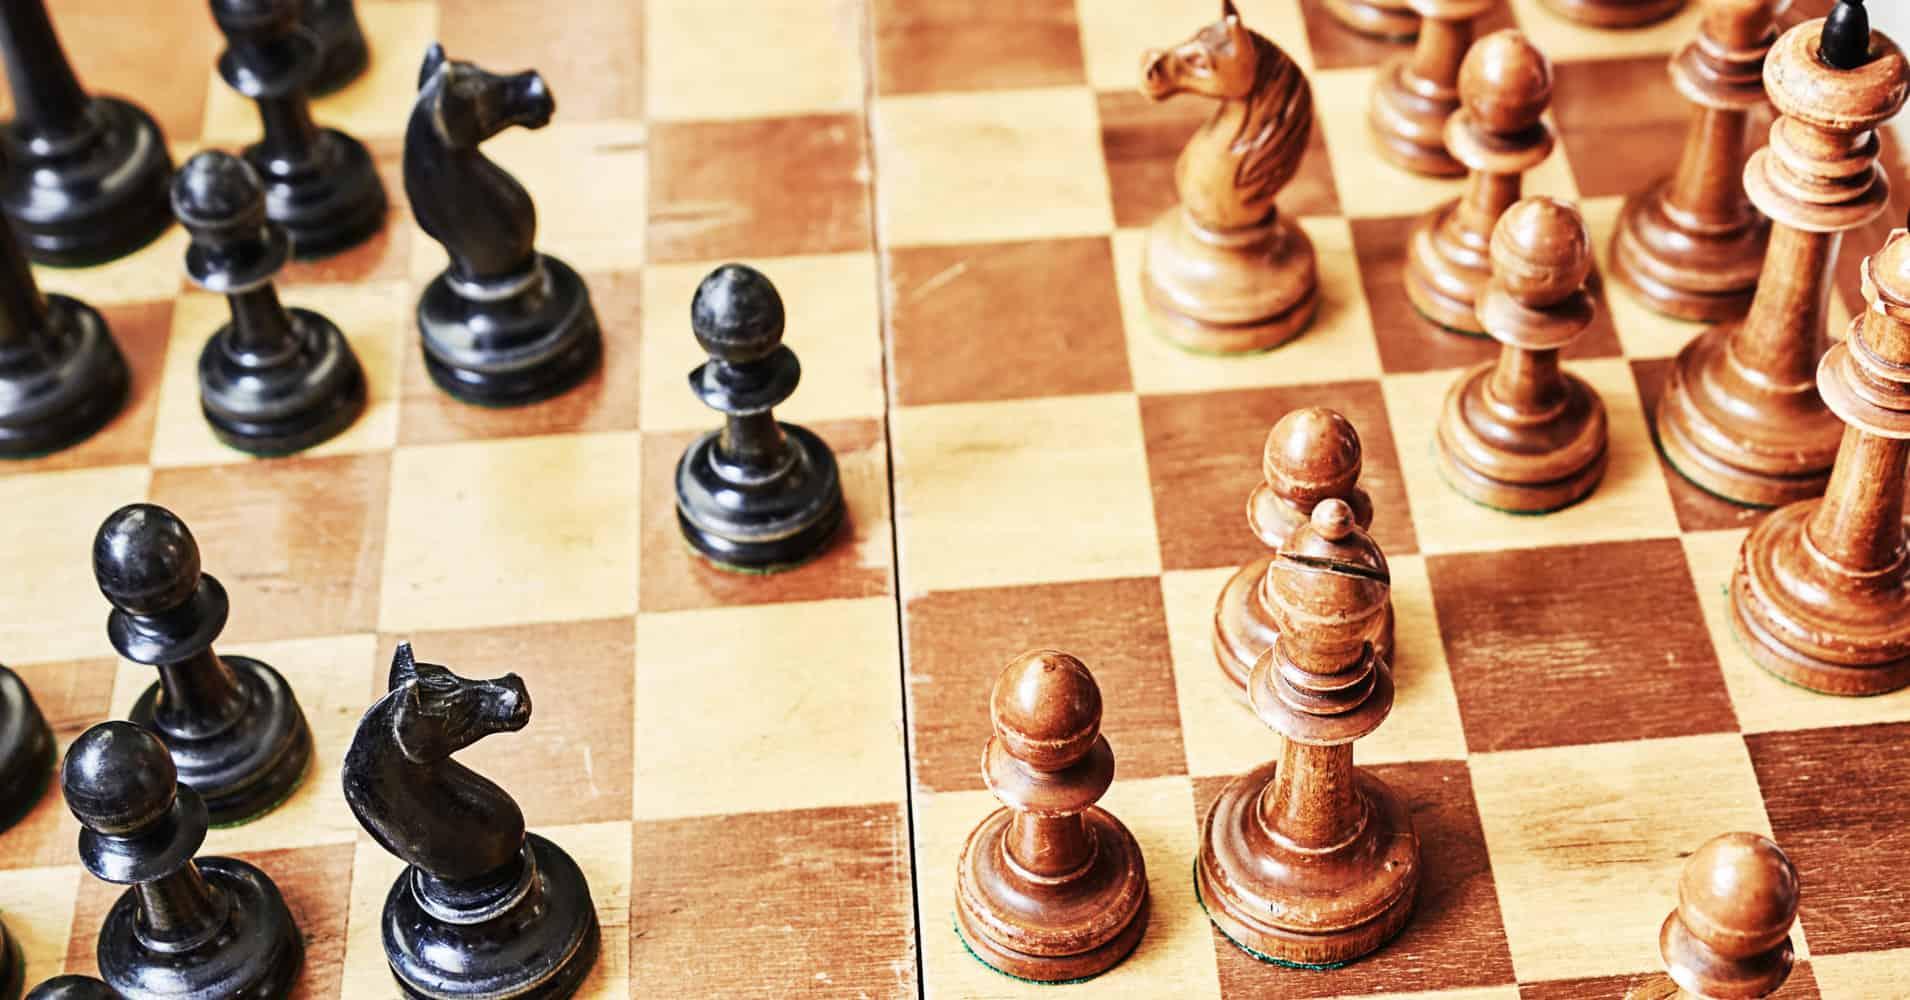 maróczy géza sportegyesület sakk oktatás